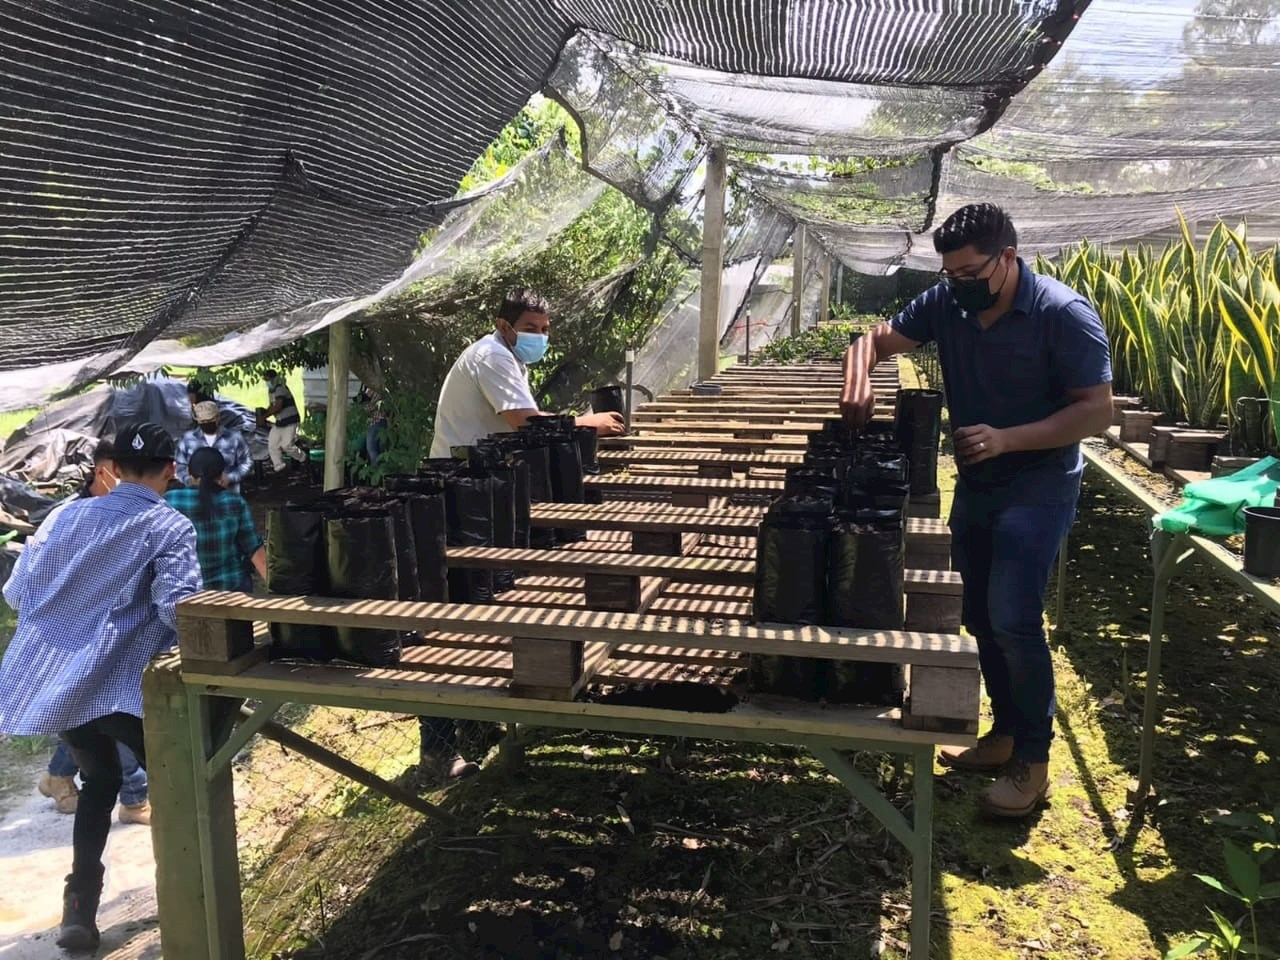 Salvadoreño apuesta por chocolate de excelencia en espacio agroecológico